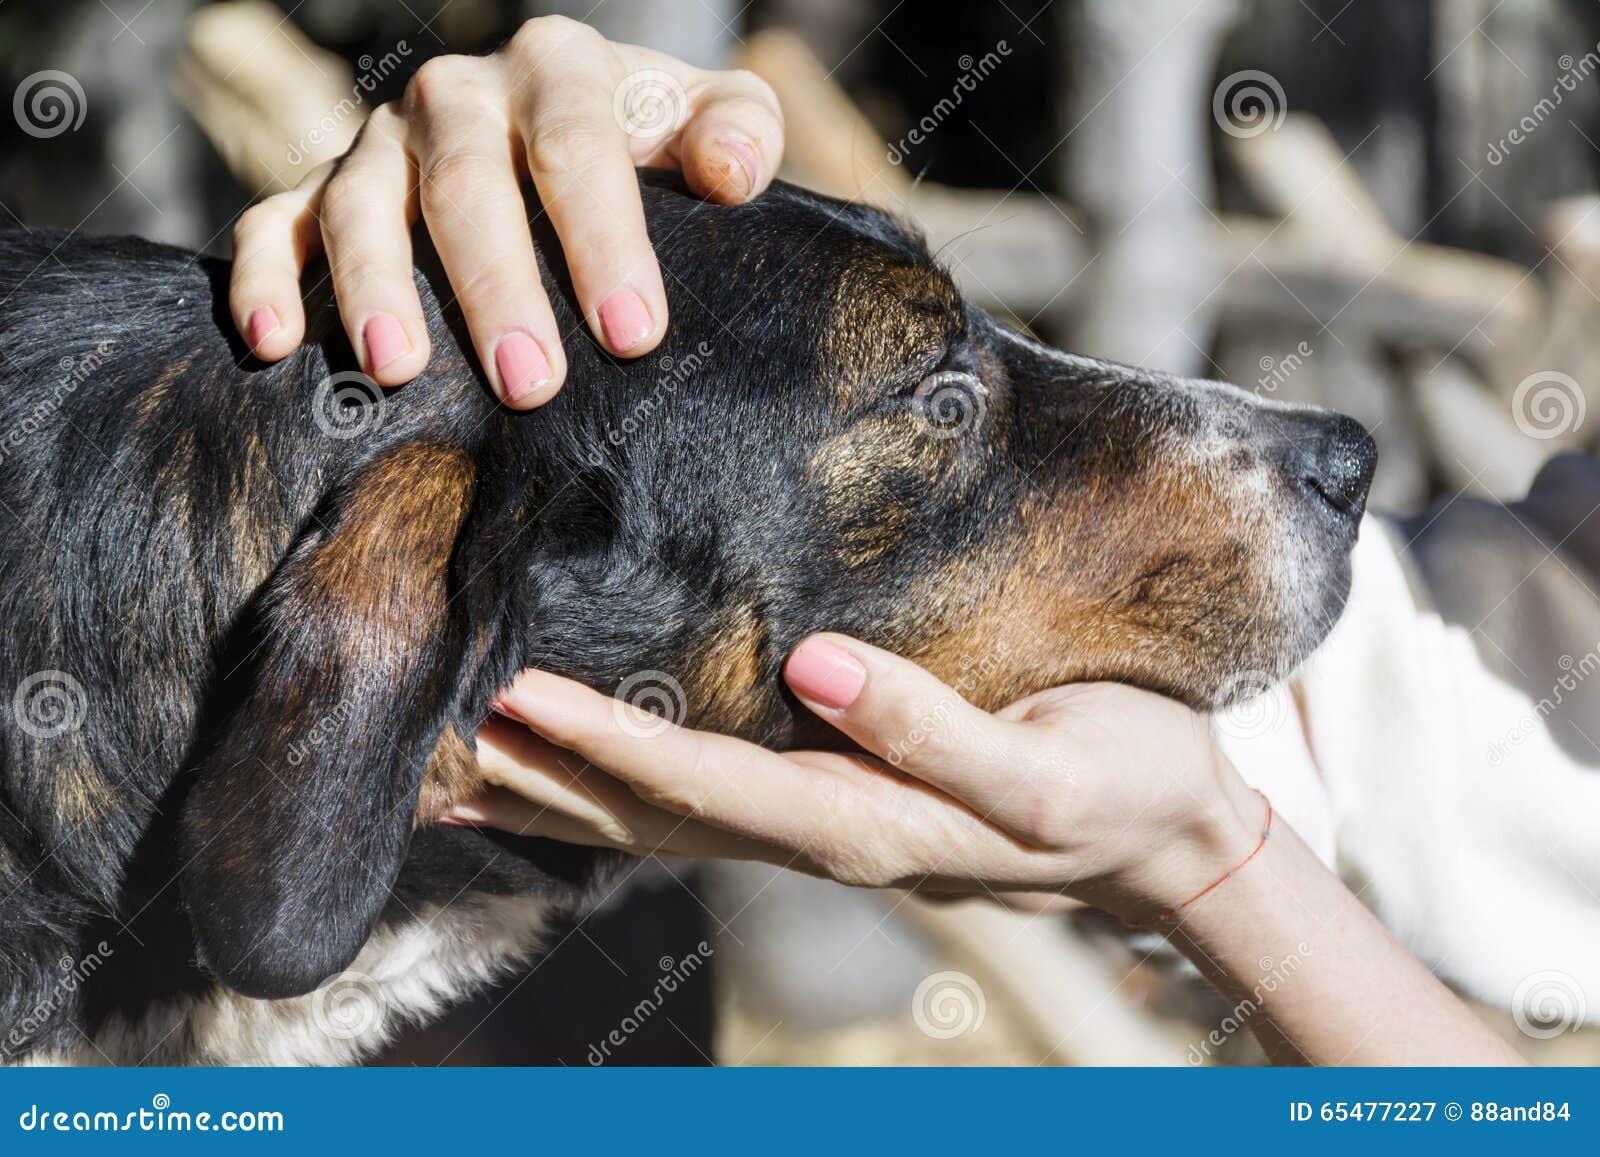 Les mains de femme caressent un chien sans abri